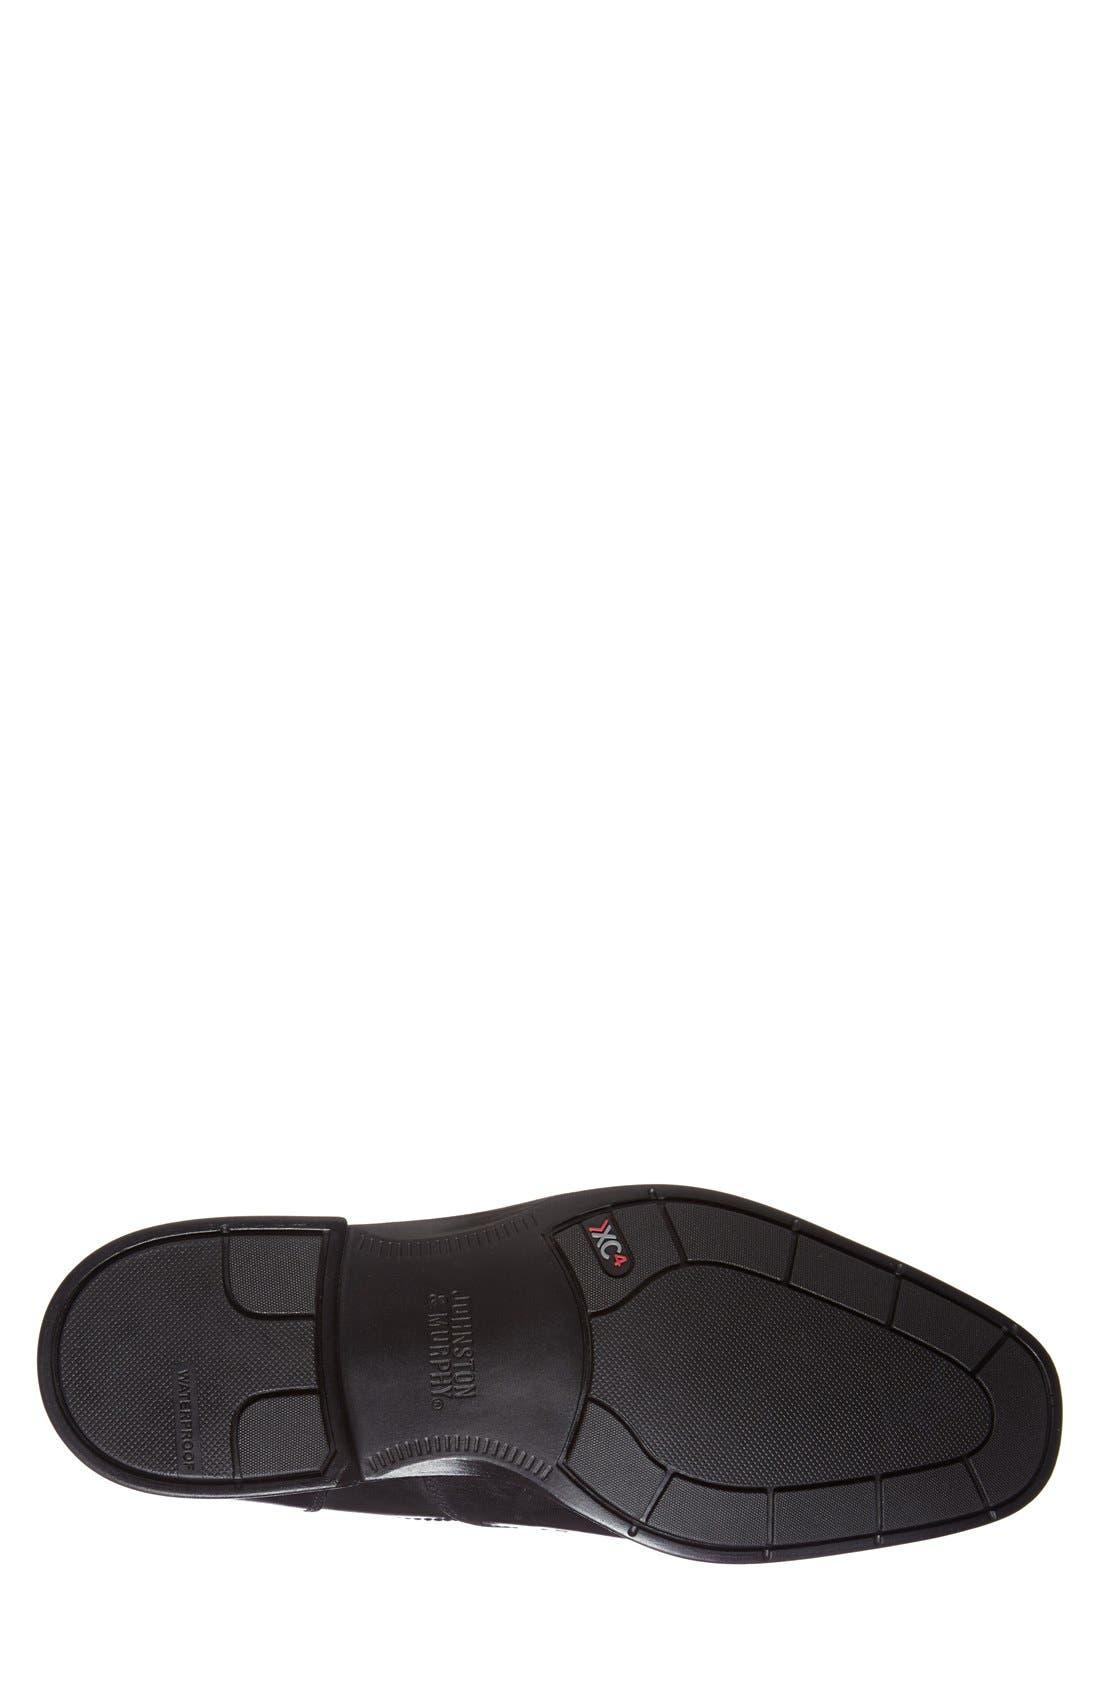 'Branning' Venetian Loafer,                             Alternate thumbnail 4, color,                             Black